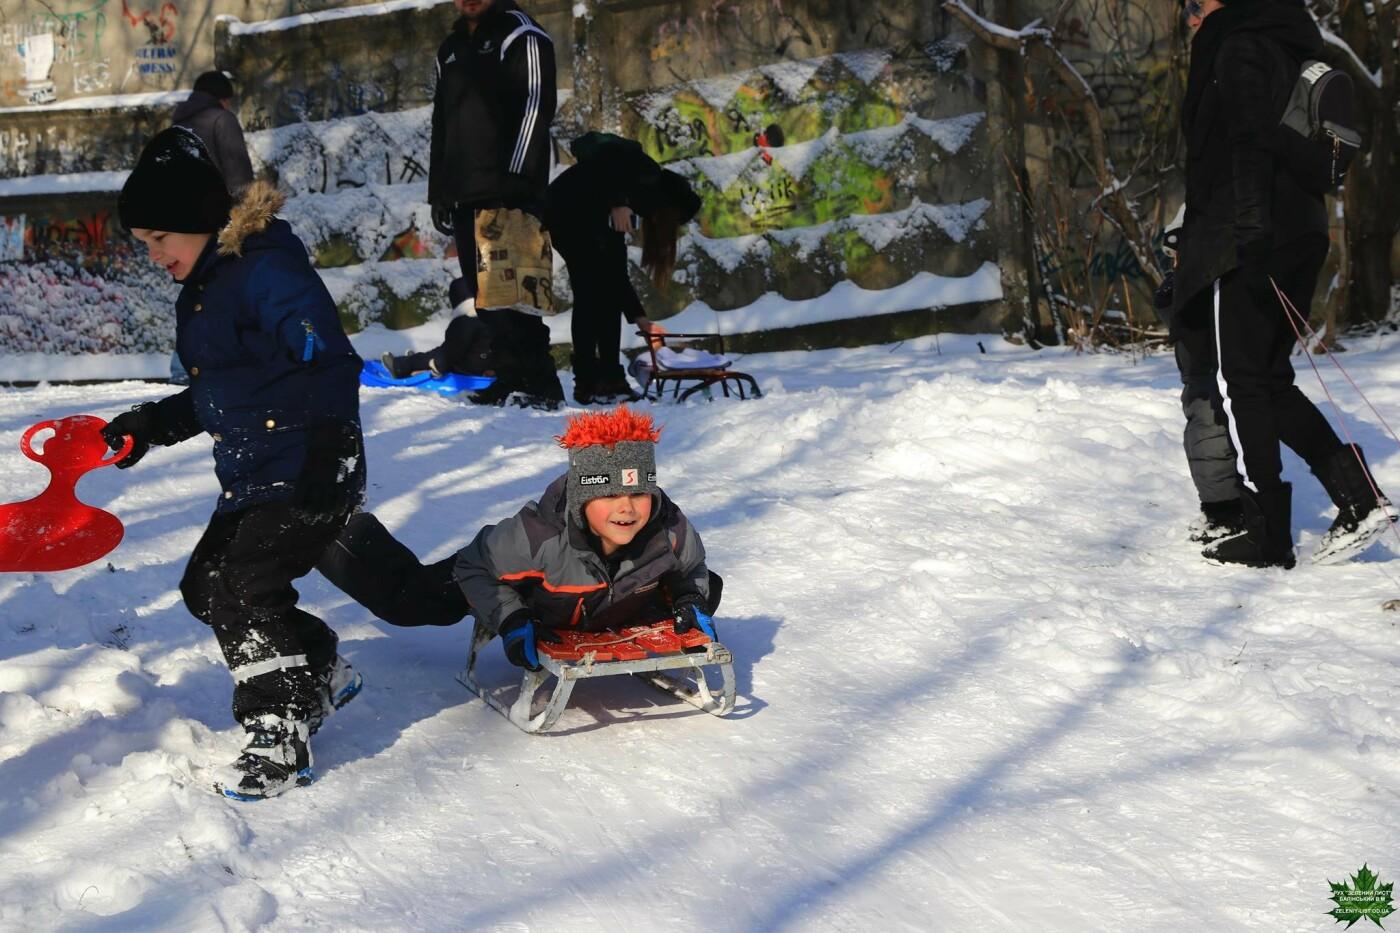 Одессит показал зиму в парке Победы, - ФОТО, фото-4, Фото: Владислав Балинский